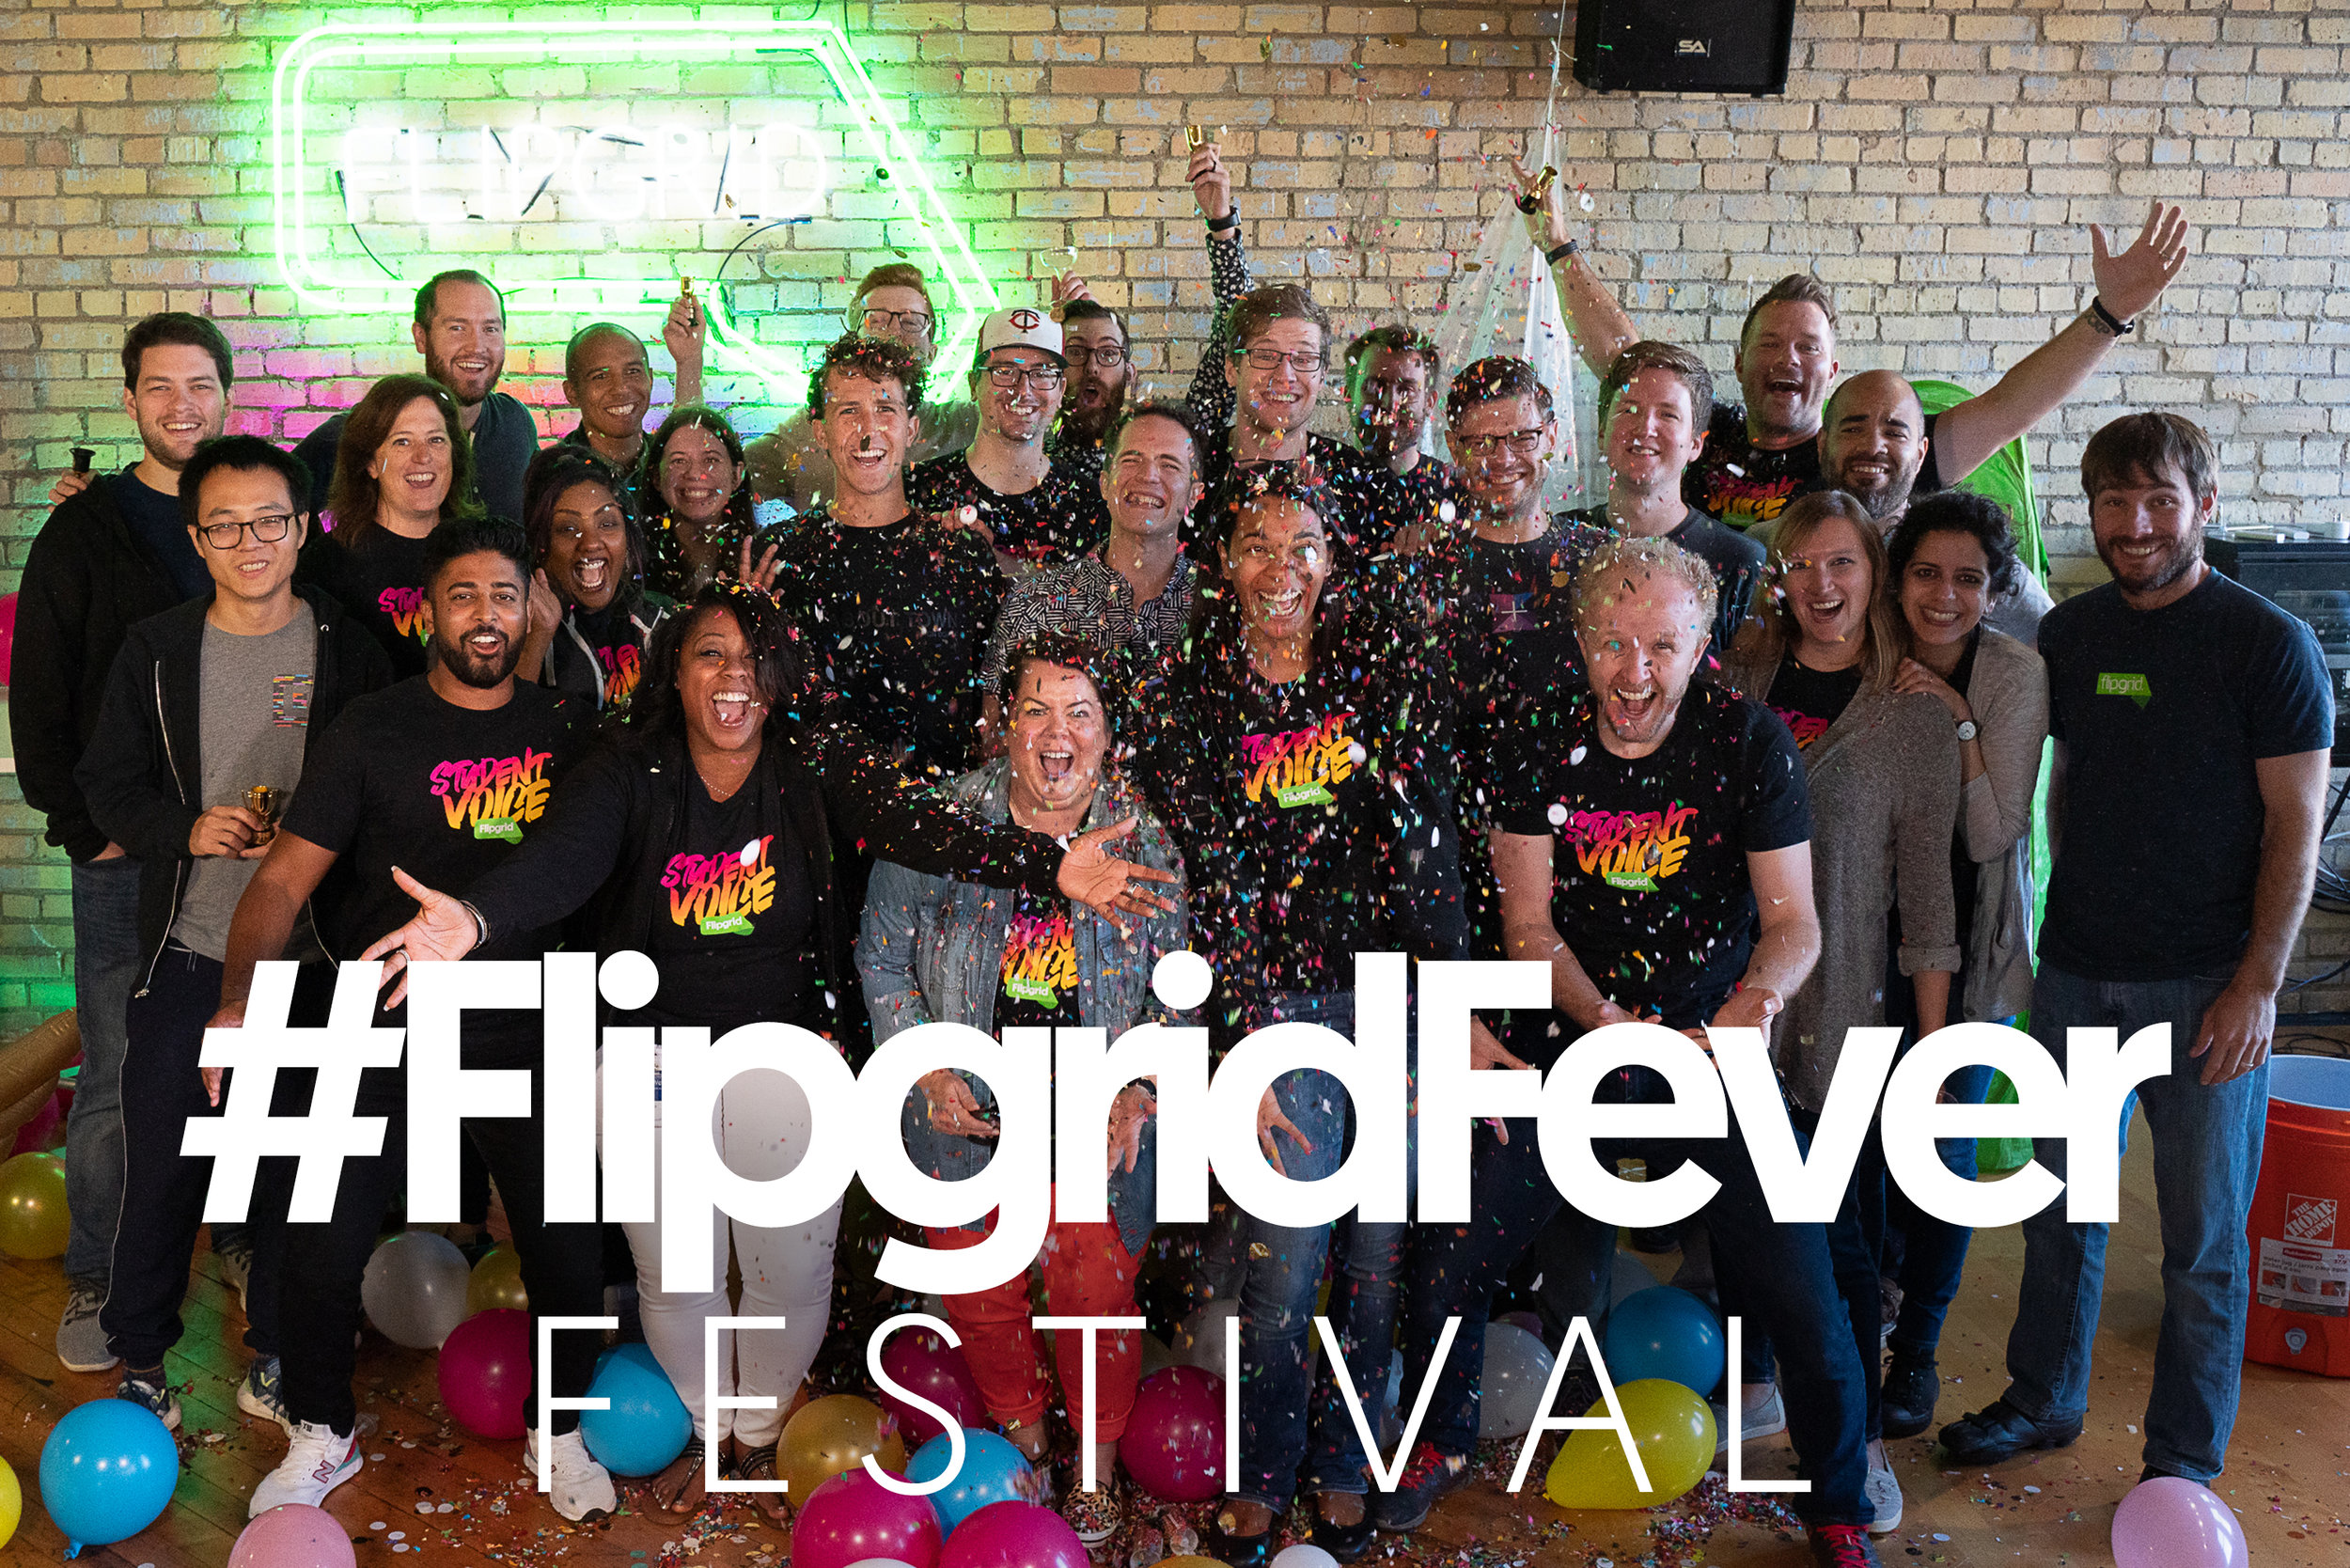 FlipgridFever_Festival.jpg